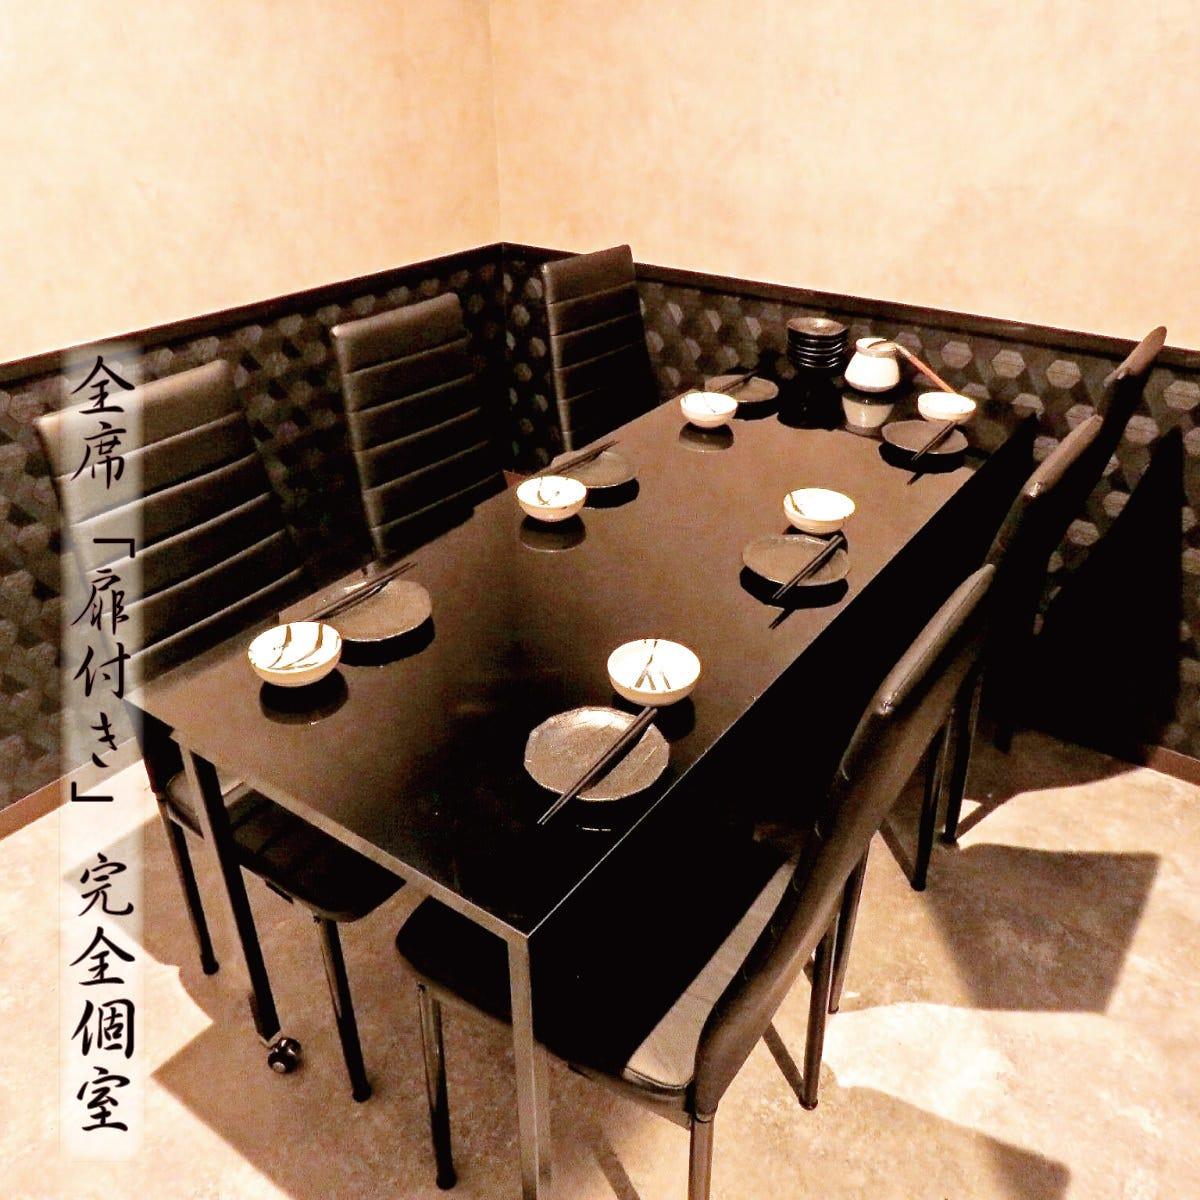 全席異なる完全個室。 少人数の友人との飲みや、お食事に是非。